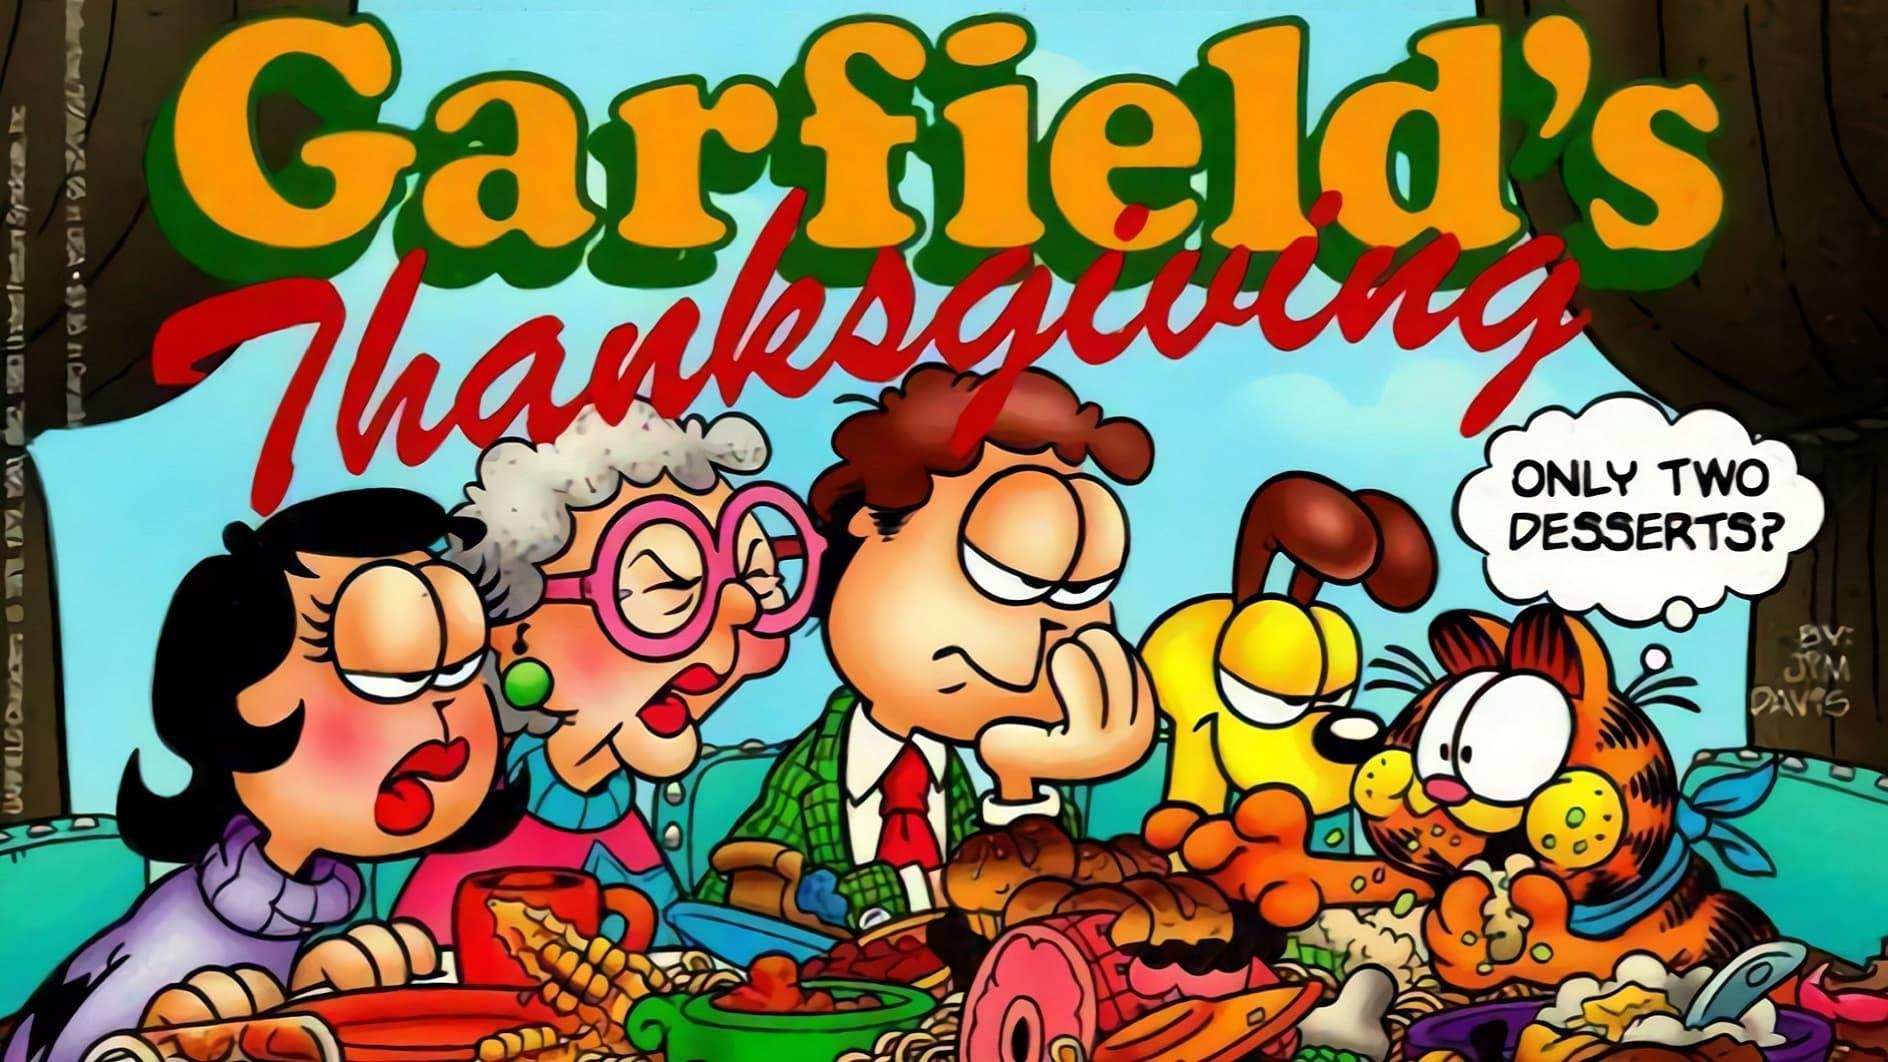 Garfield Especial de Accion de Gracias